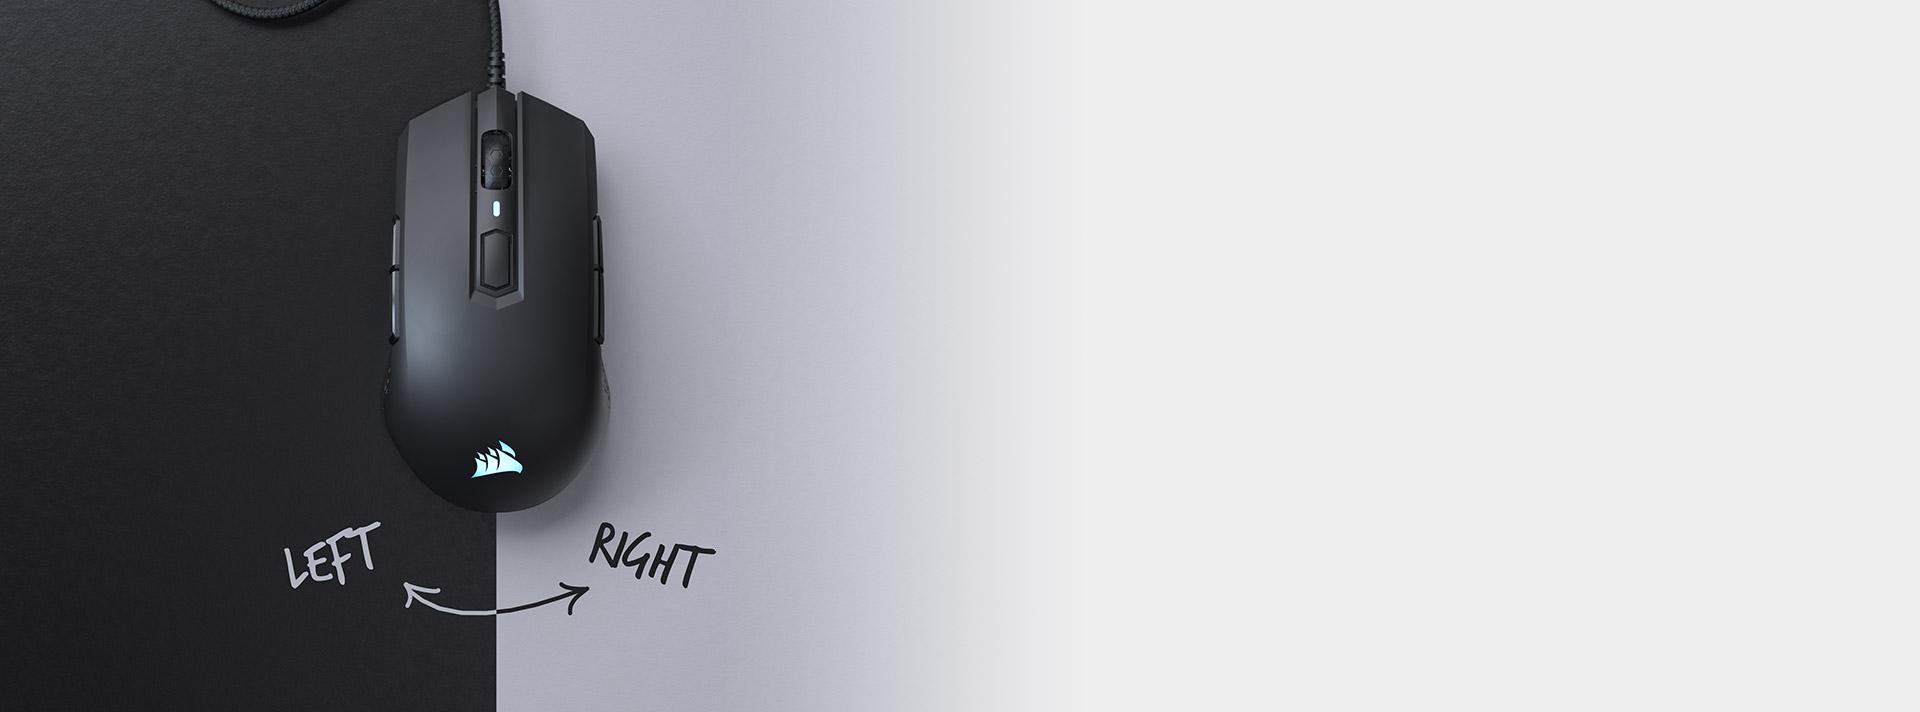 Chuột chơi game Corsair M55 RGB White (CH-9308111-AP) có thiết kế đối xứng